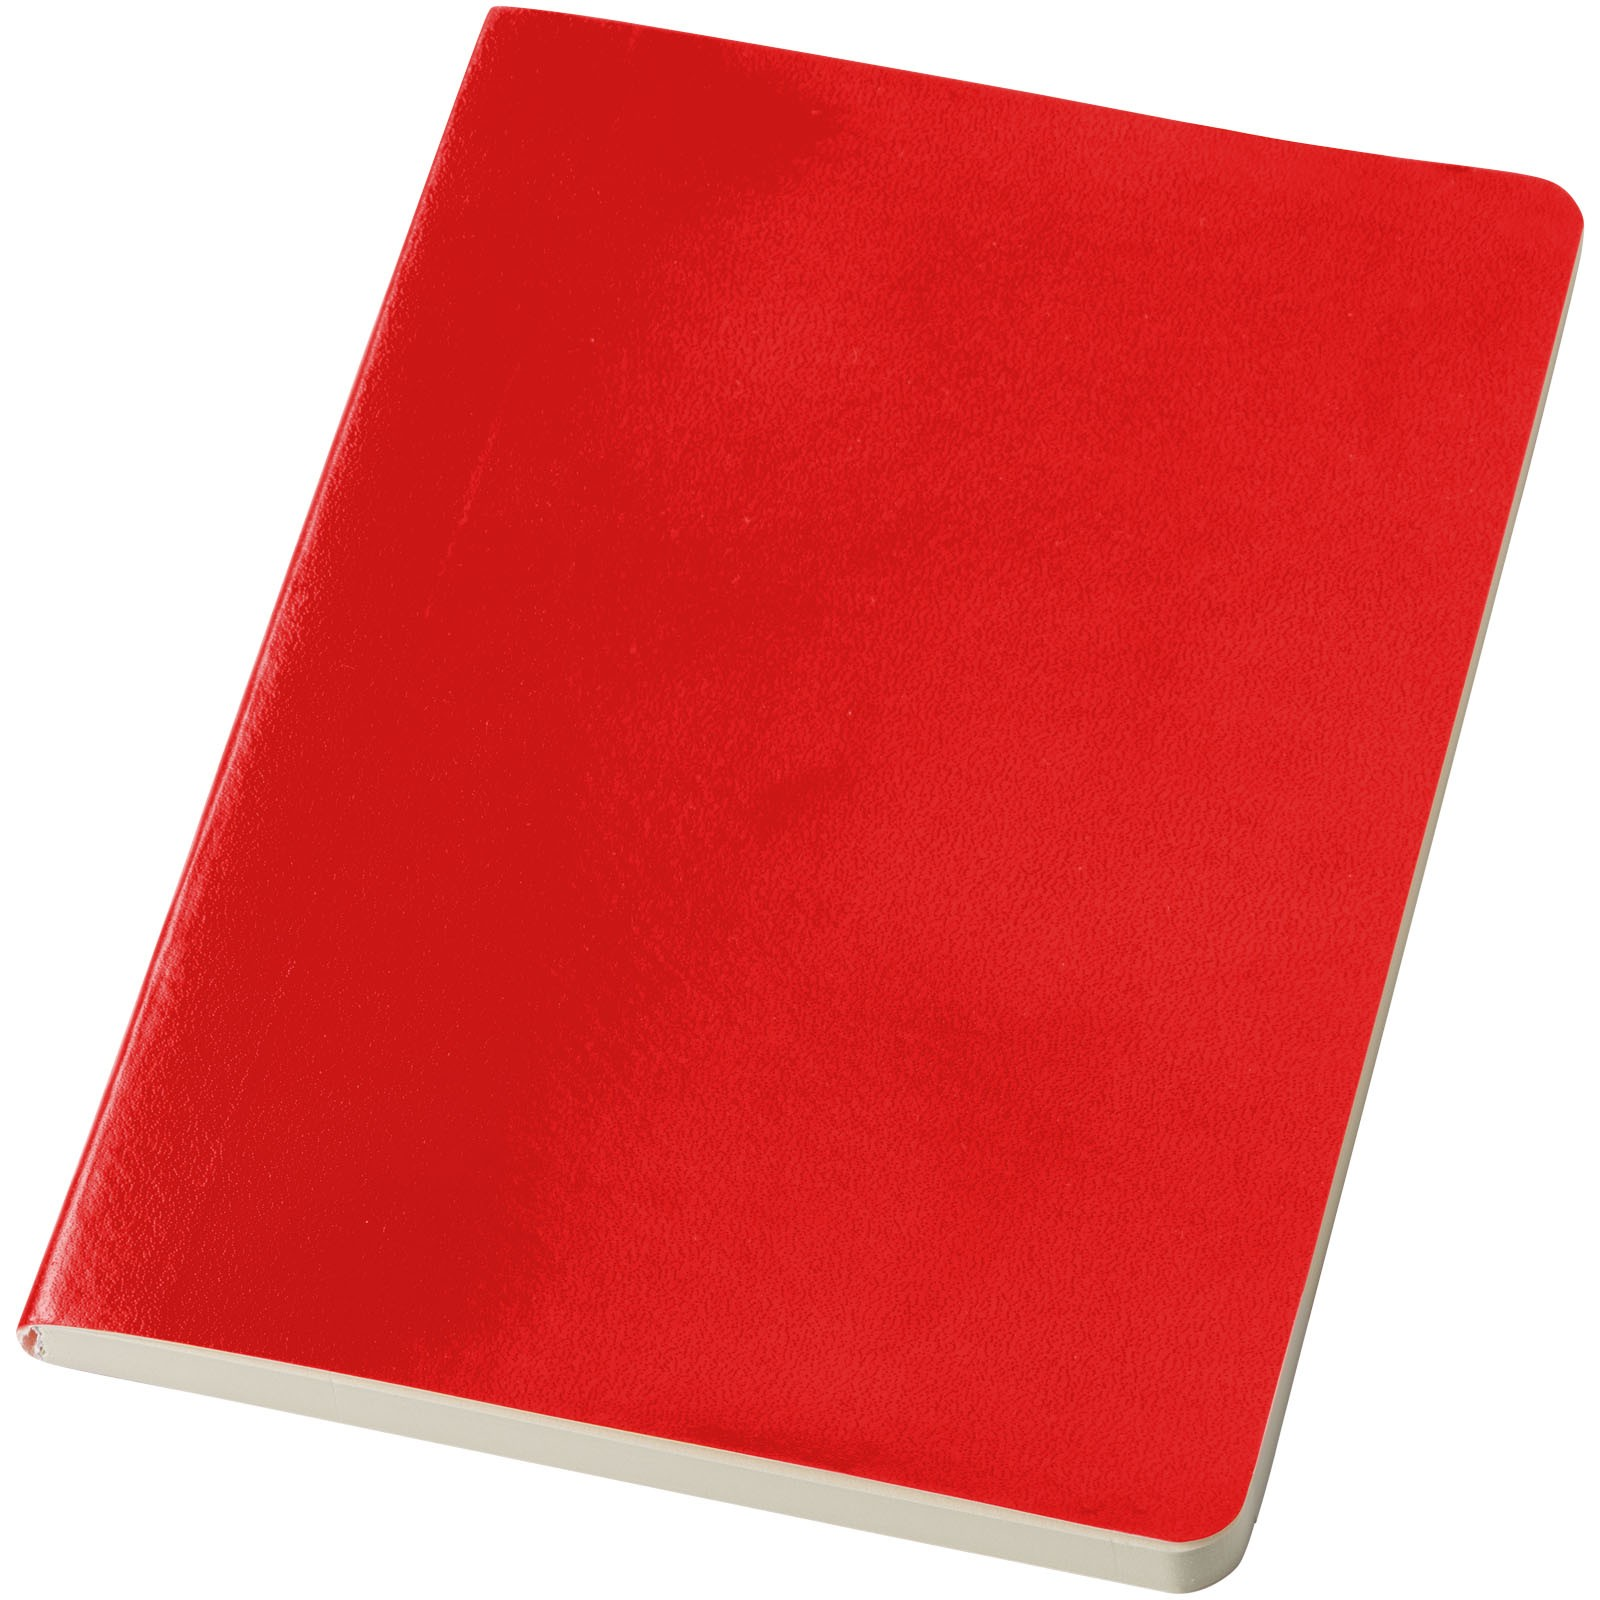 Zápisník s měkkou obálkou A5 Gallery - Červená s efektem námrazy